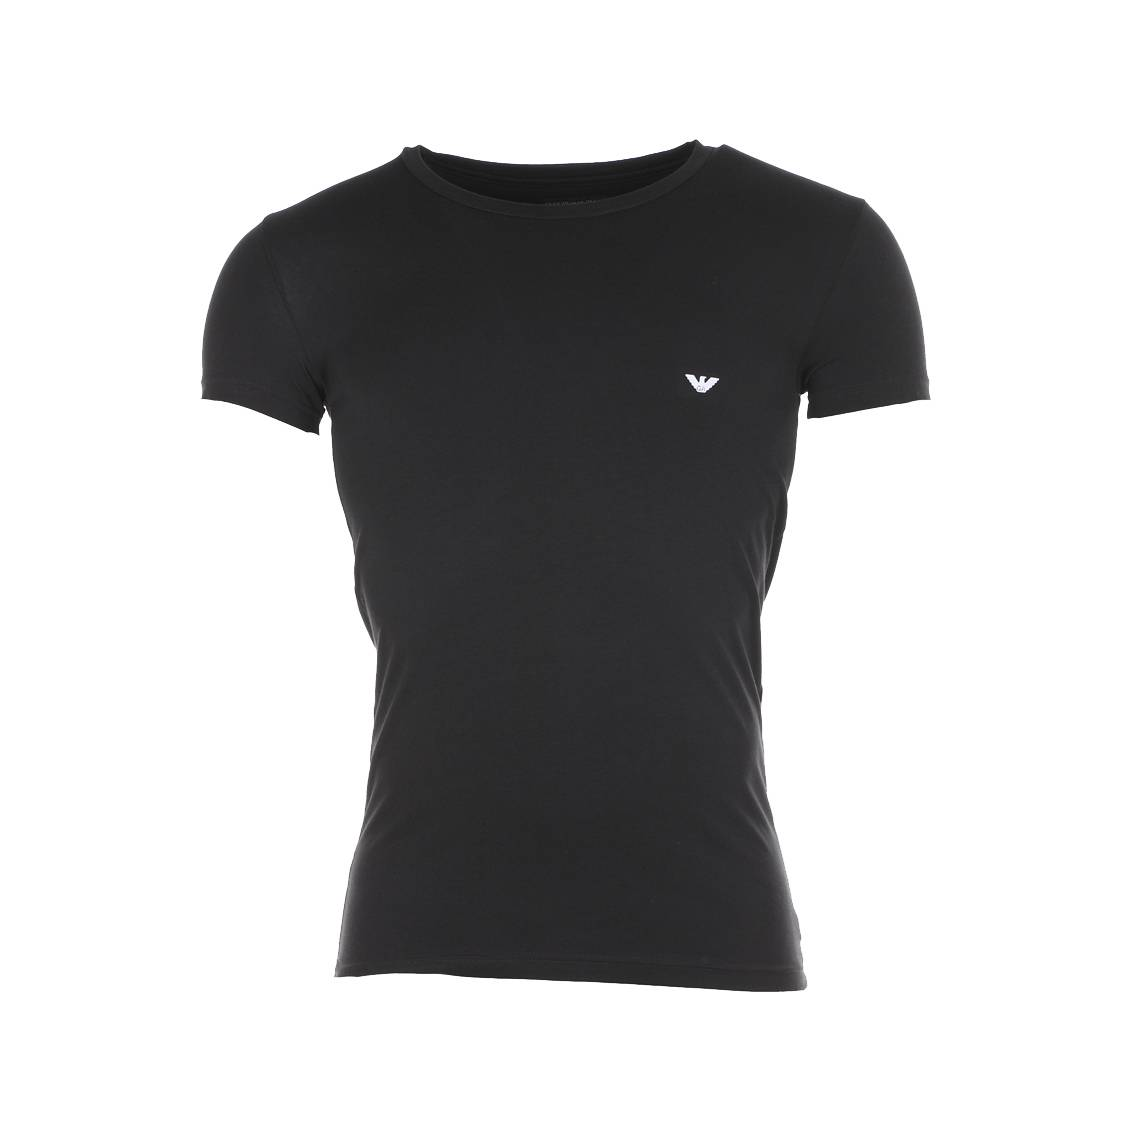 Tee-shirt col rond noir  en coton, logo blanc